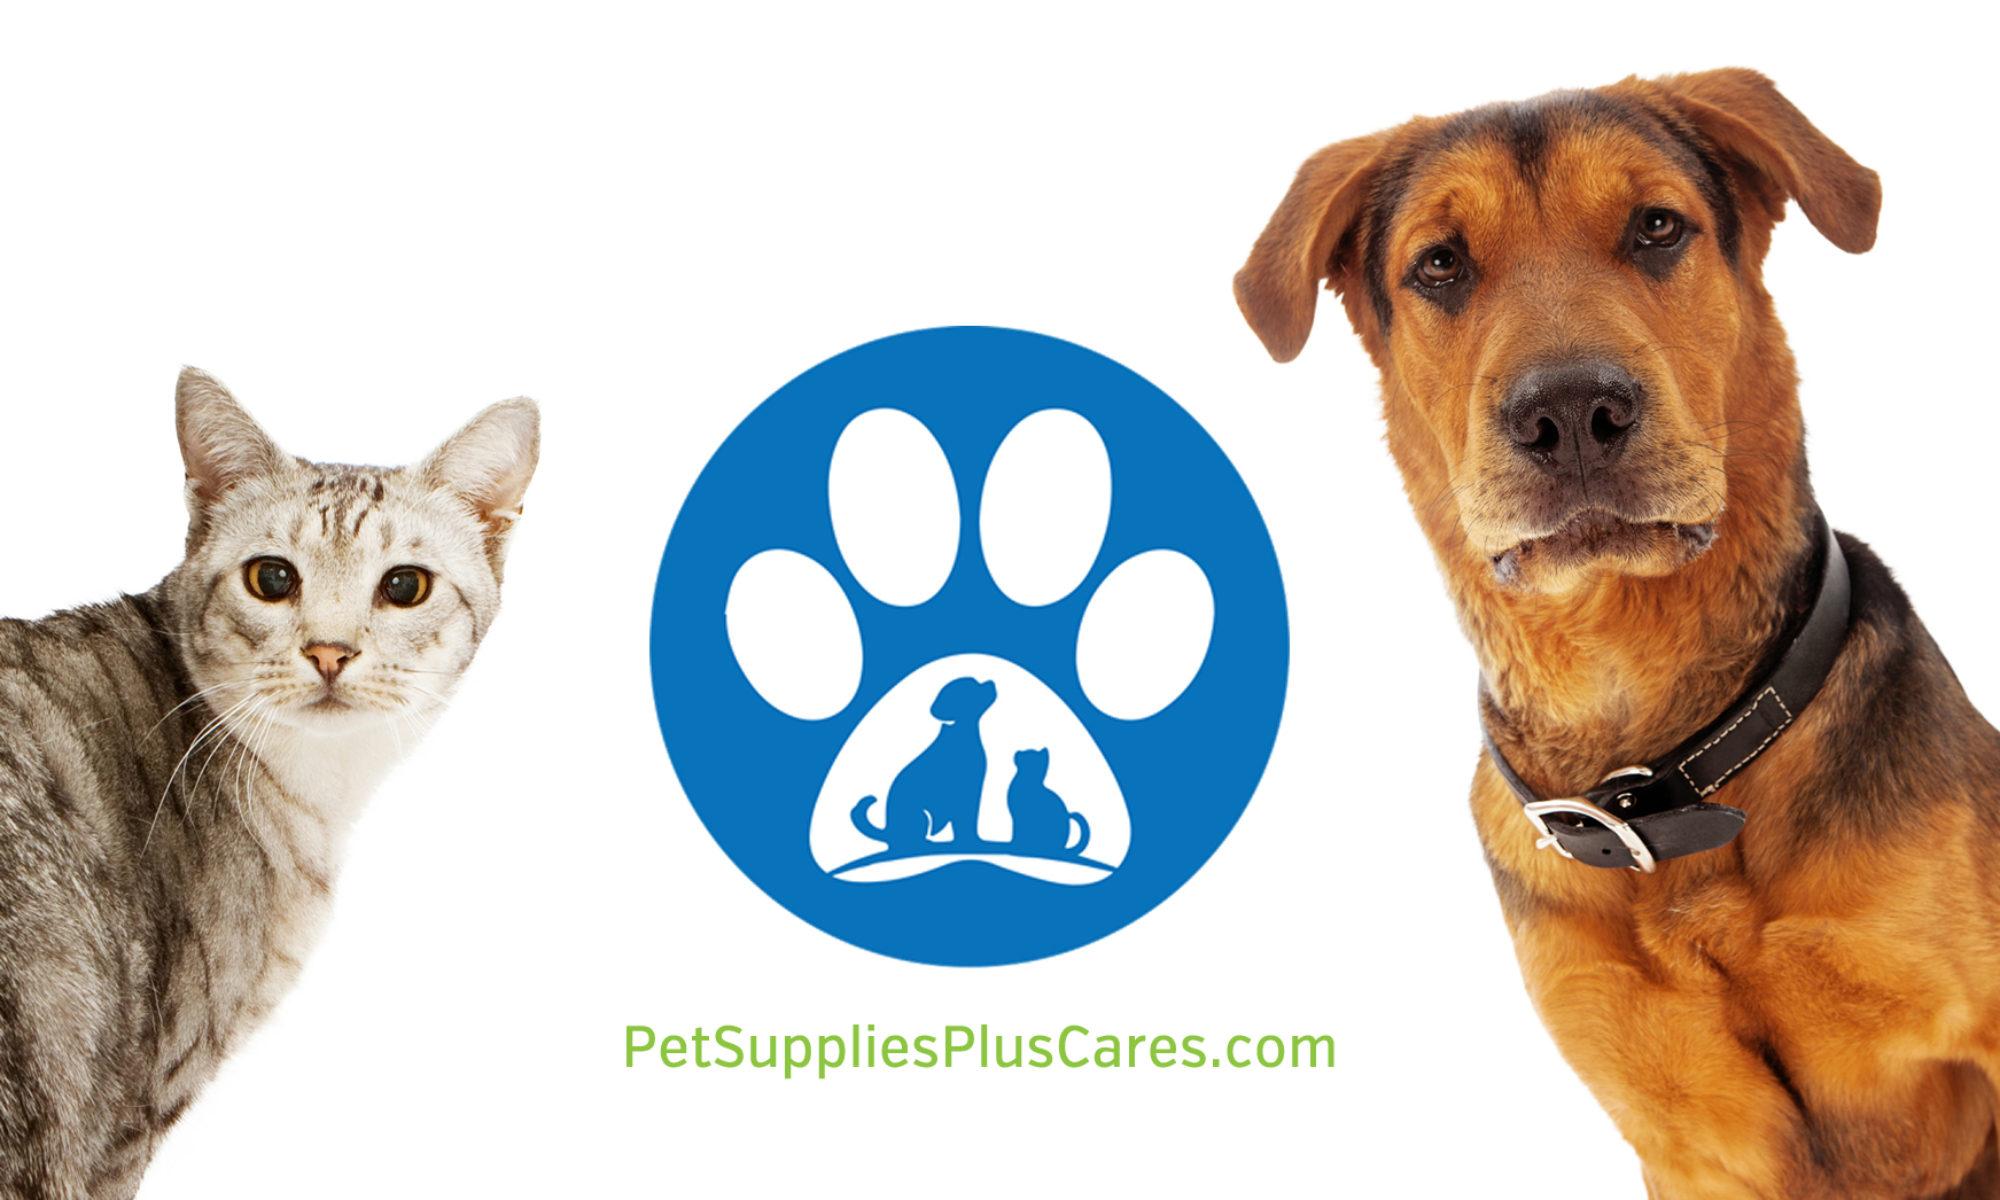 pet supplies plus cares